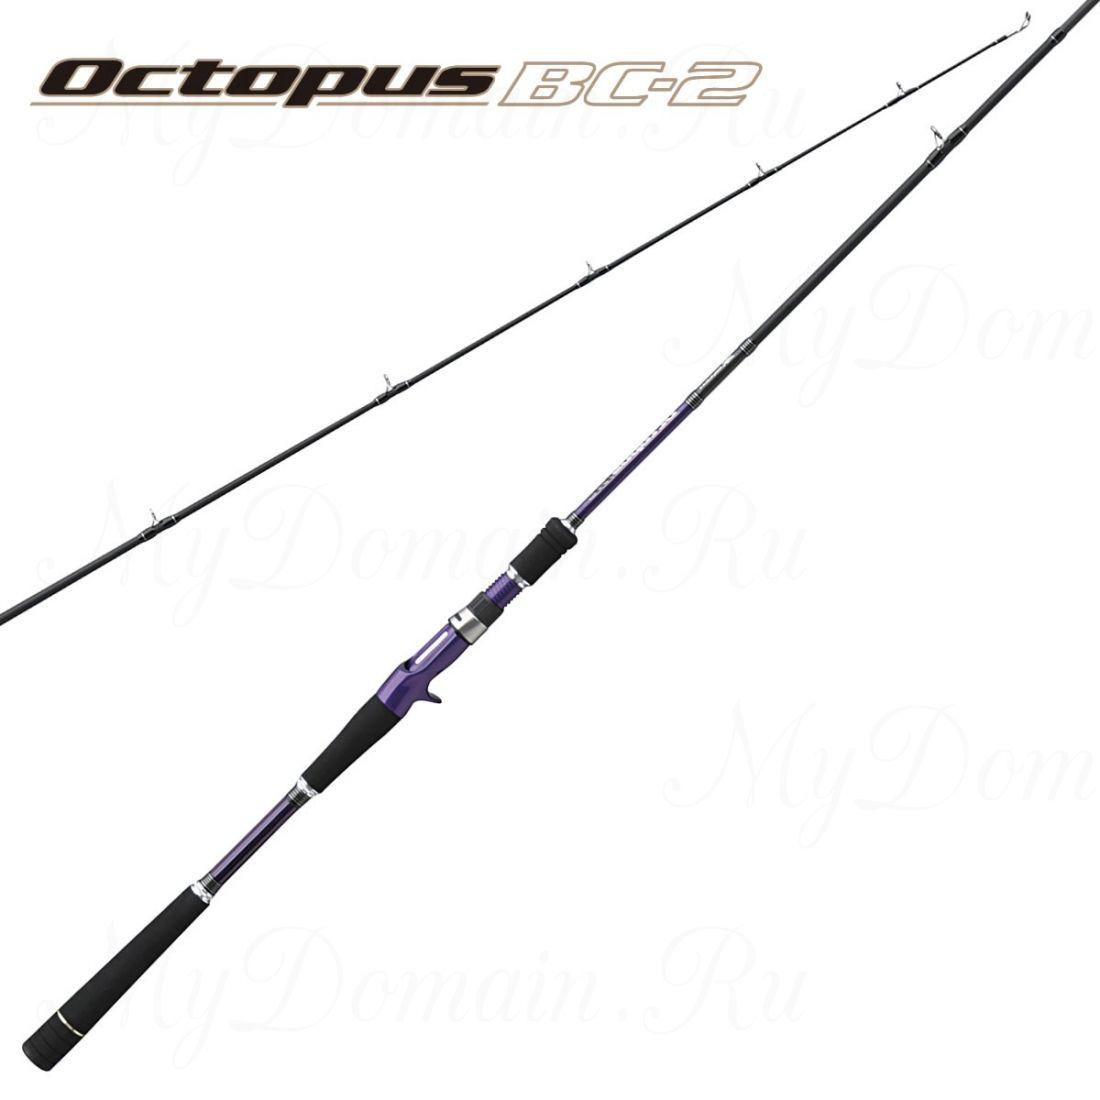 Удилище кастинговое Prox Octpus BC2 702H 217 см, 2 секции, maкс. 56 гр, вес 185 гр, транспортная длина 110 см.